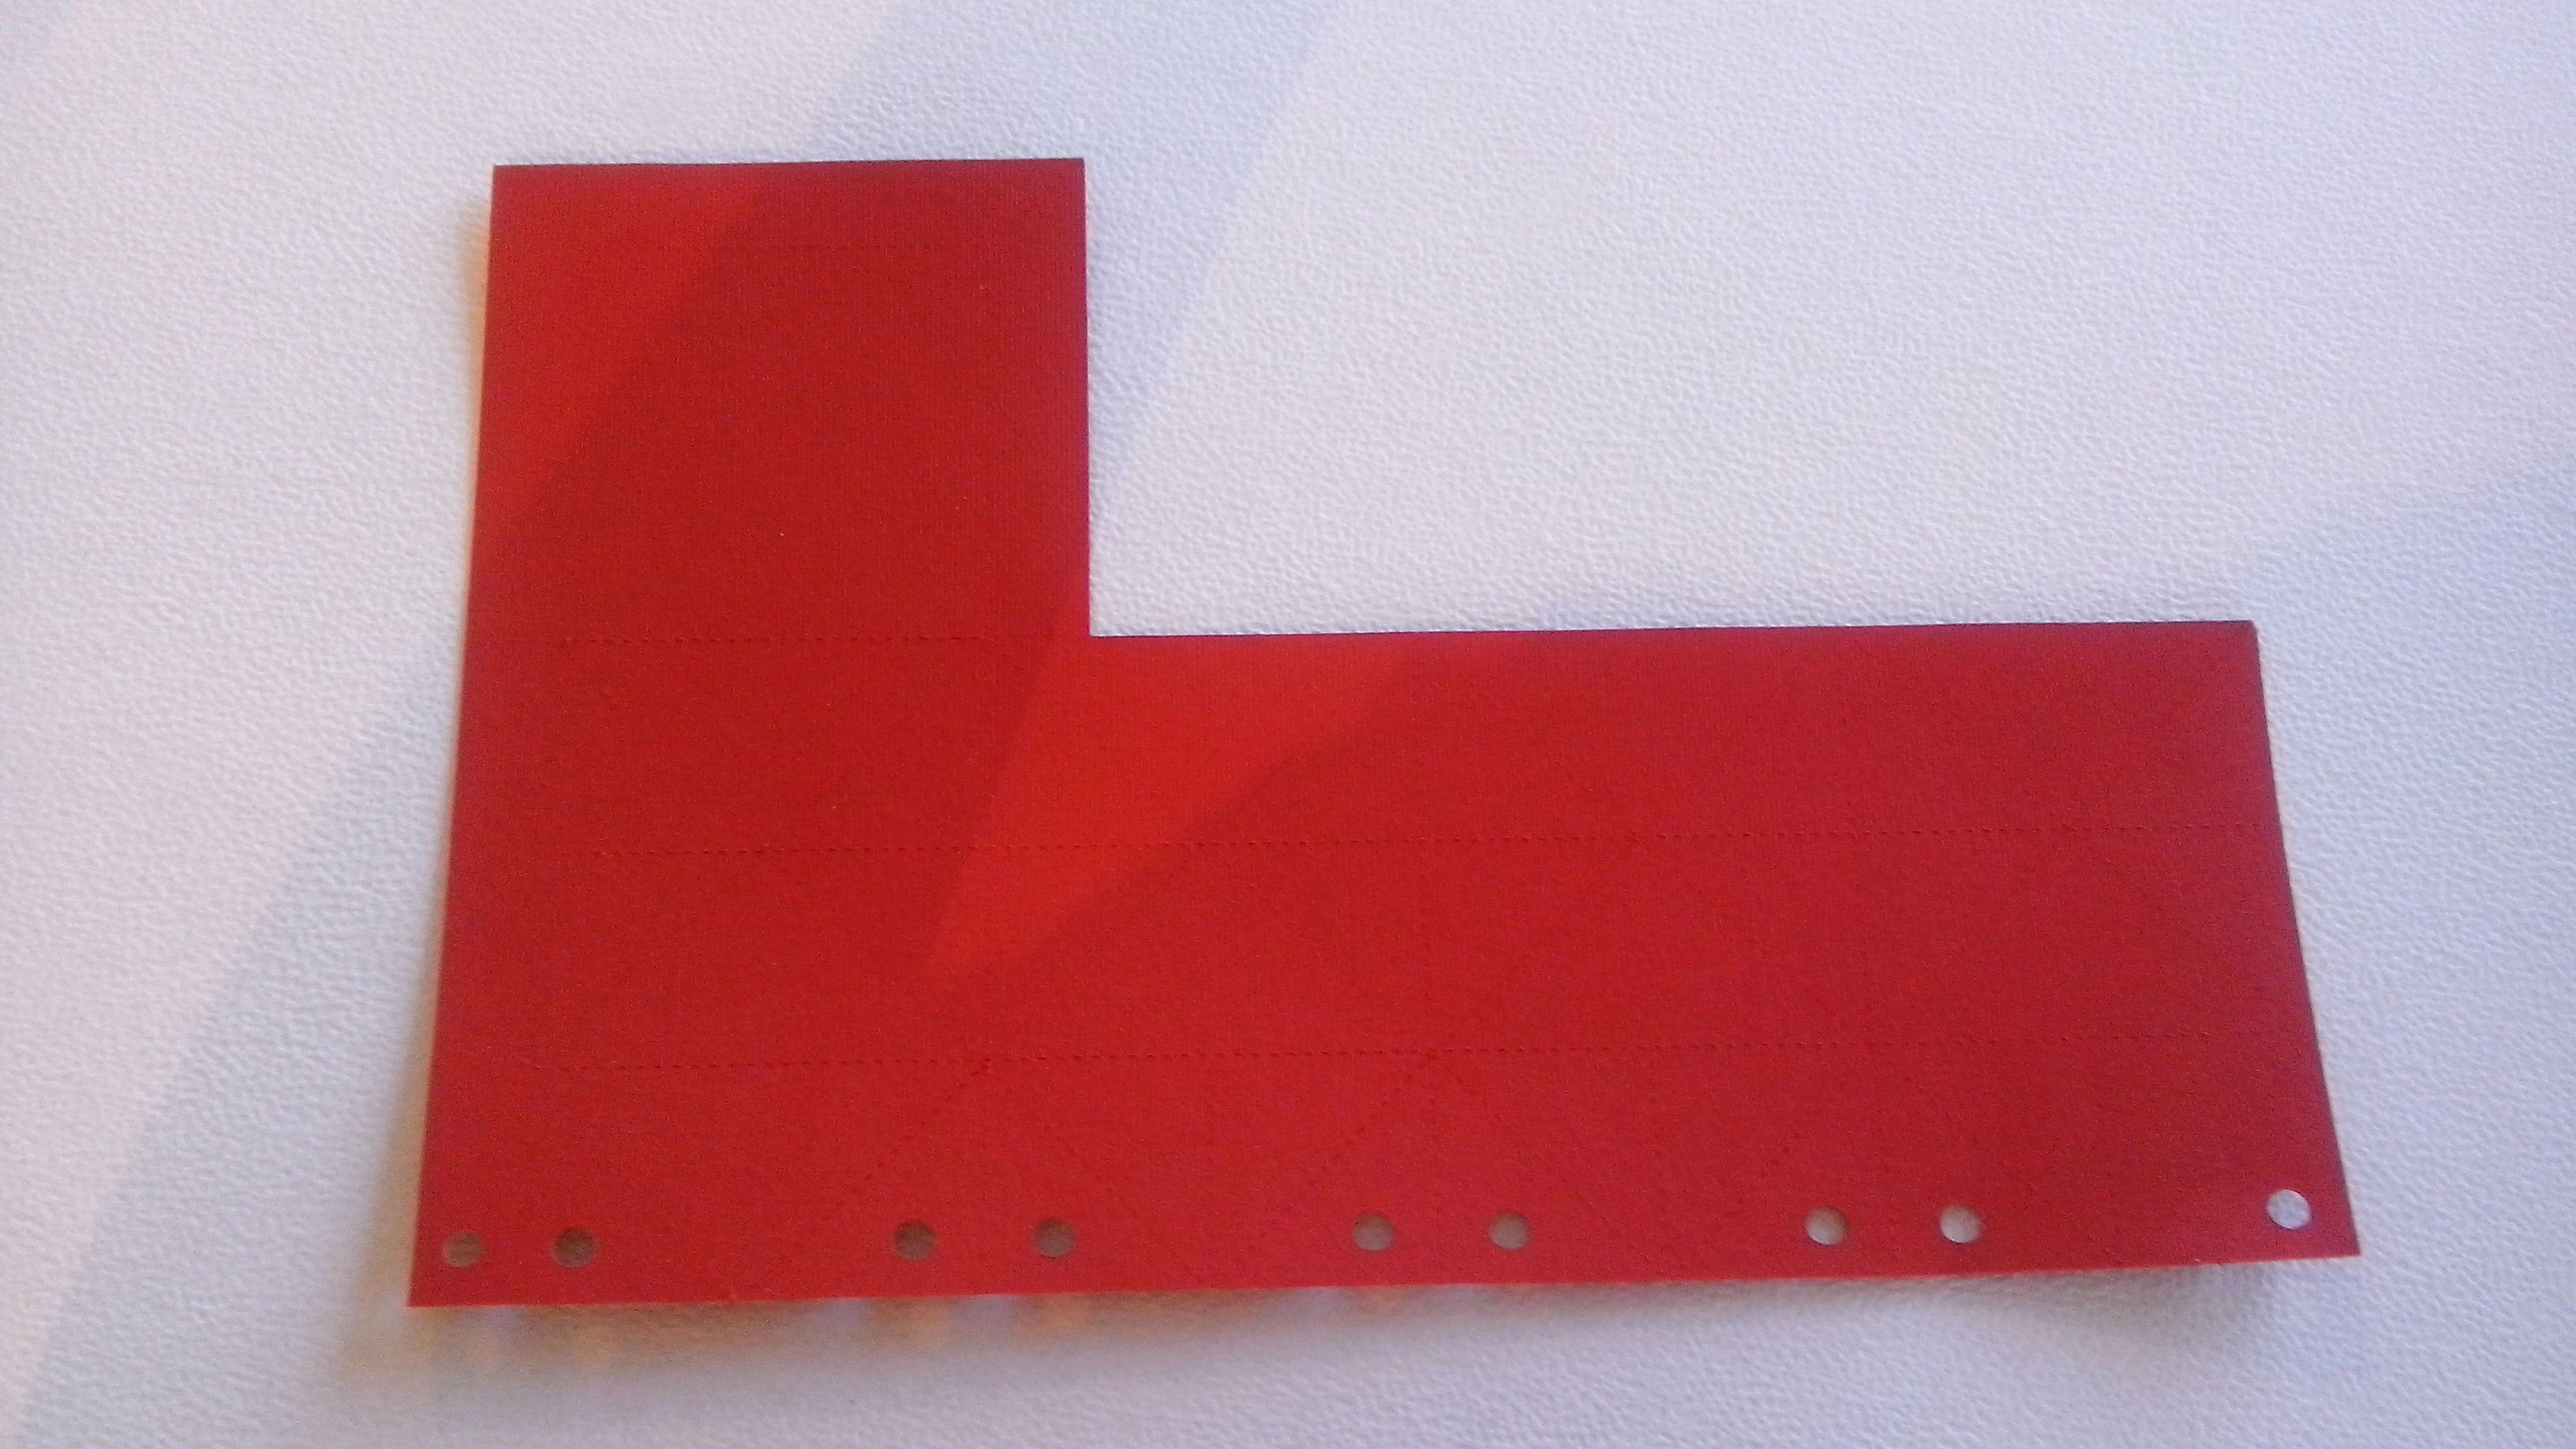 Cajita elaborada con material reciclado como cartulinas de cualquier color¡¡